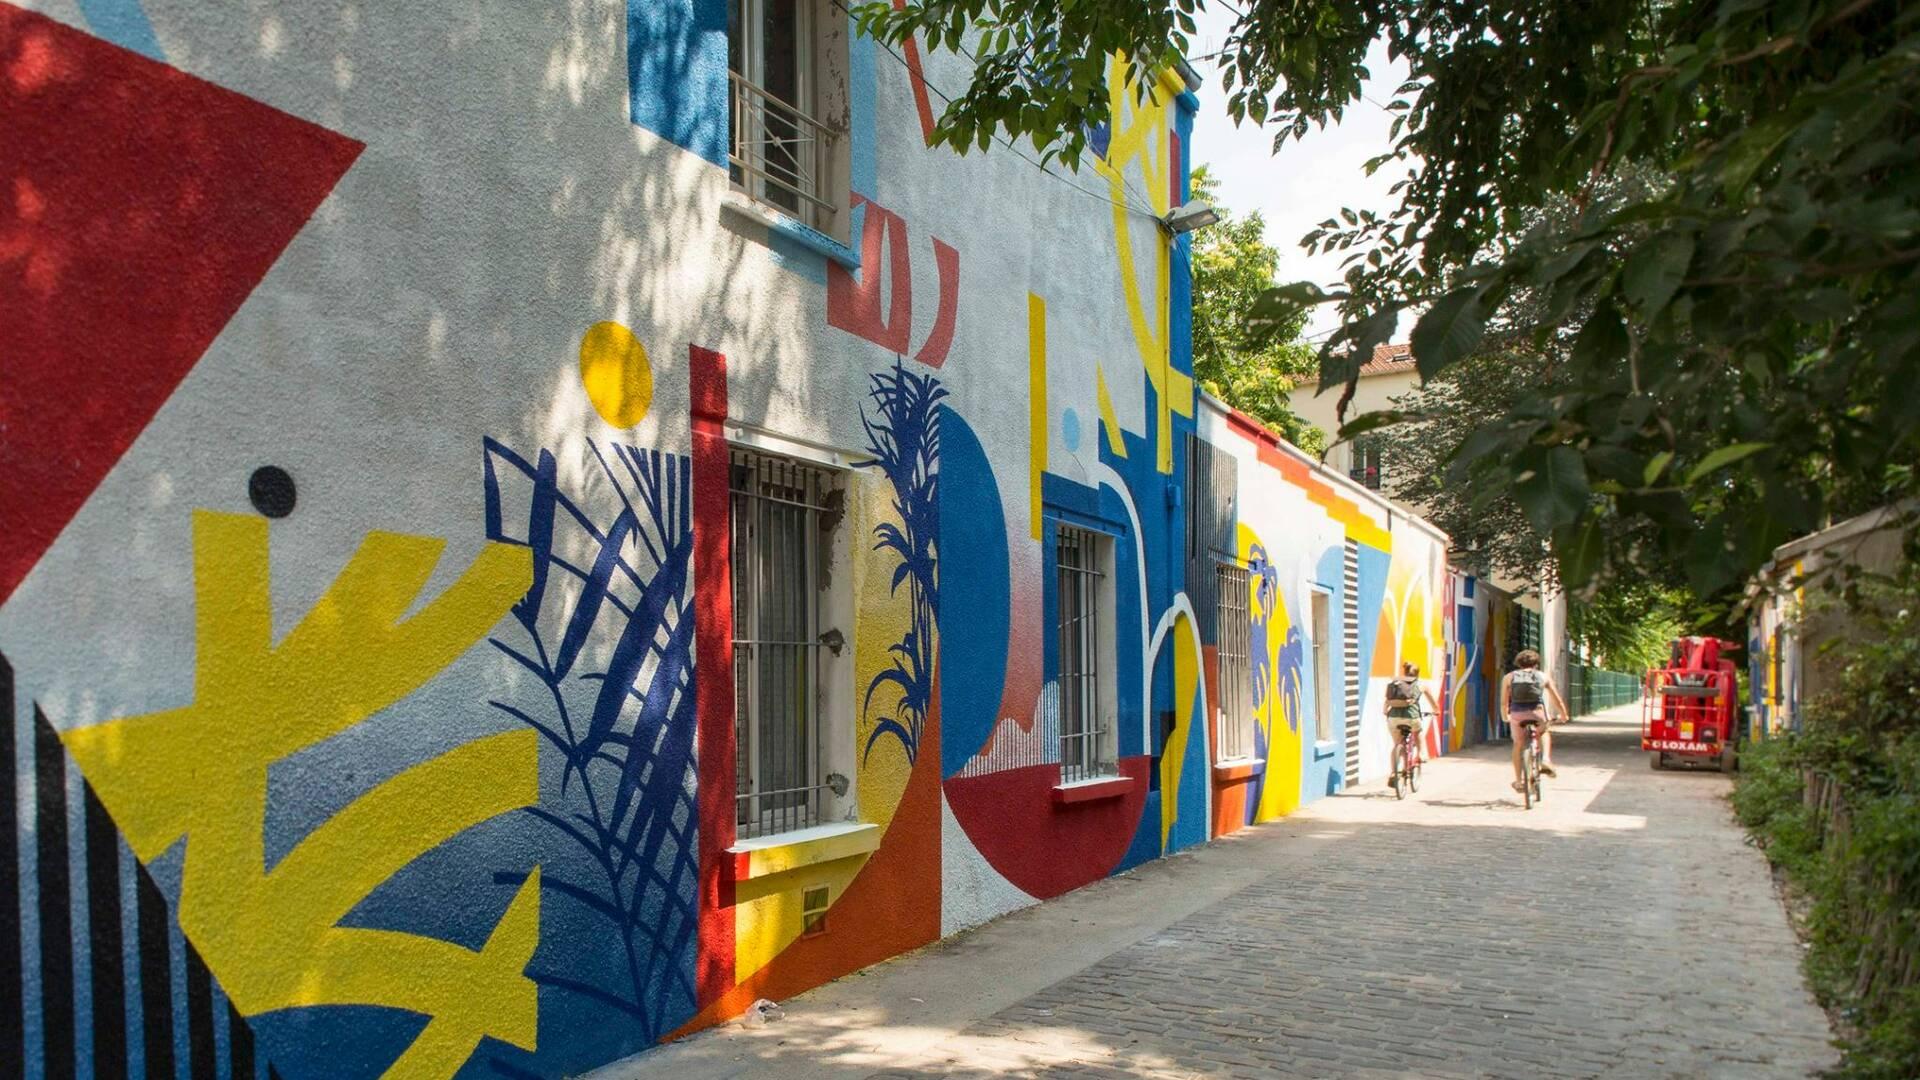 Oeuvre de Polar pour la saison 3 de la Street Art Avenue - crédit Pierre Le Tulzo